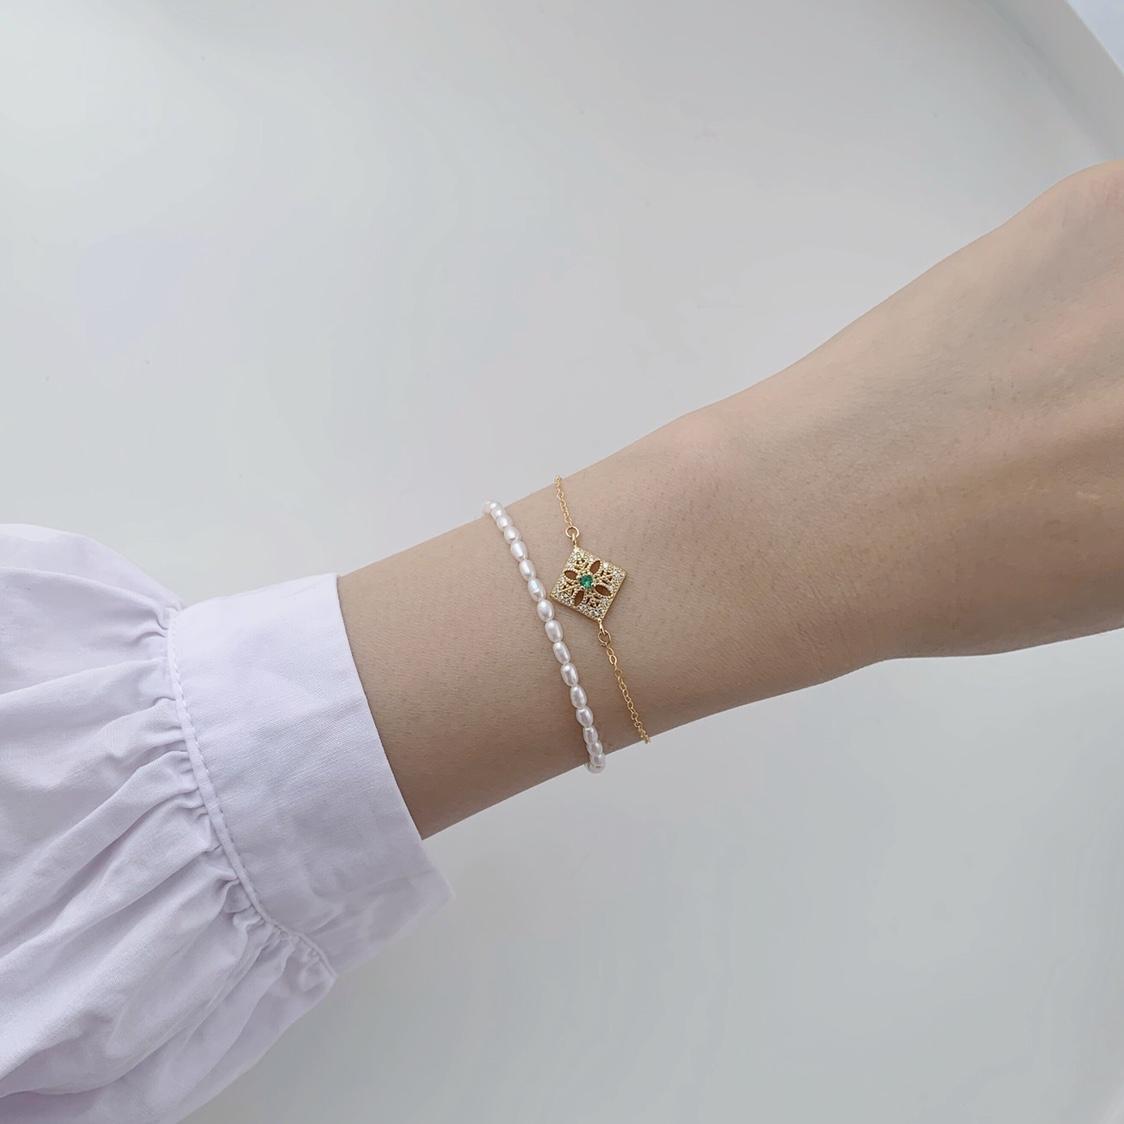 巴洛克珍珠手链一条